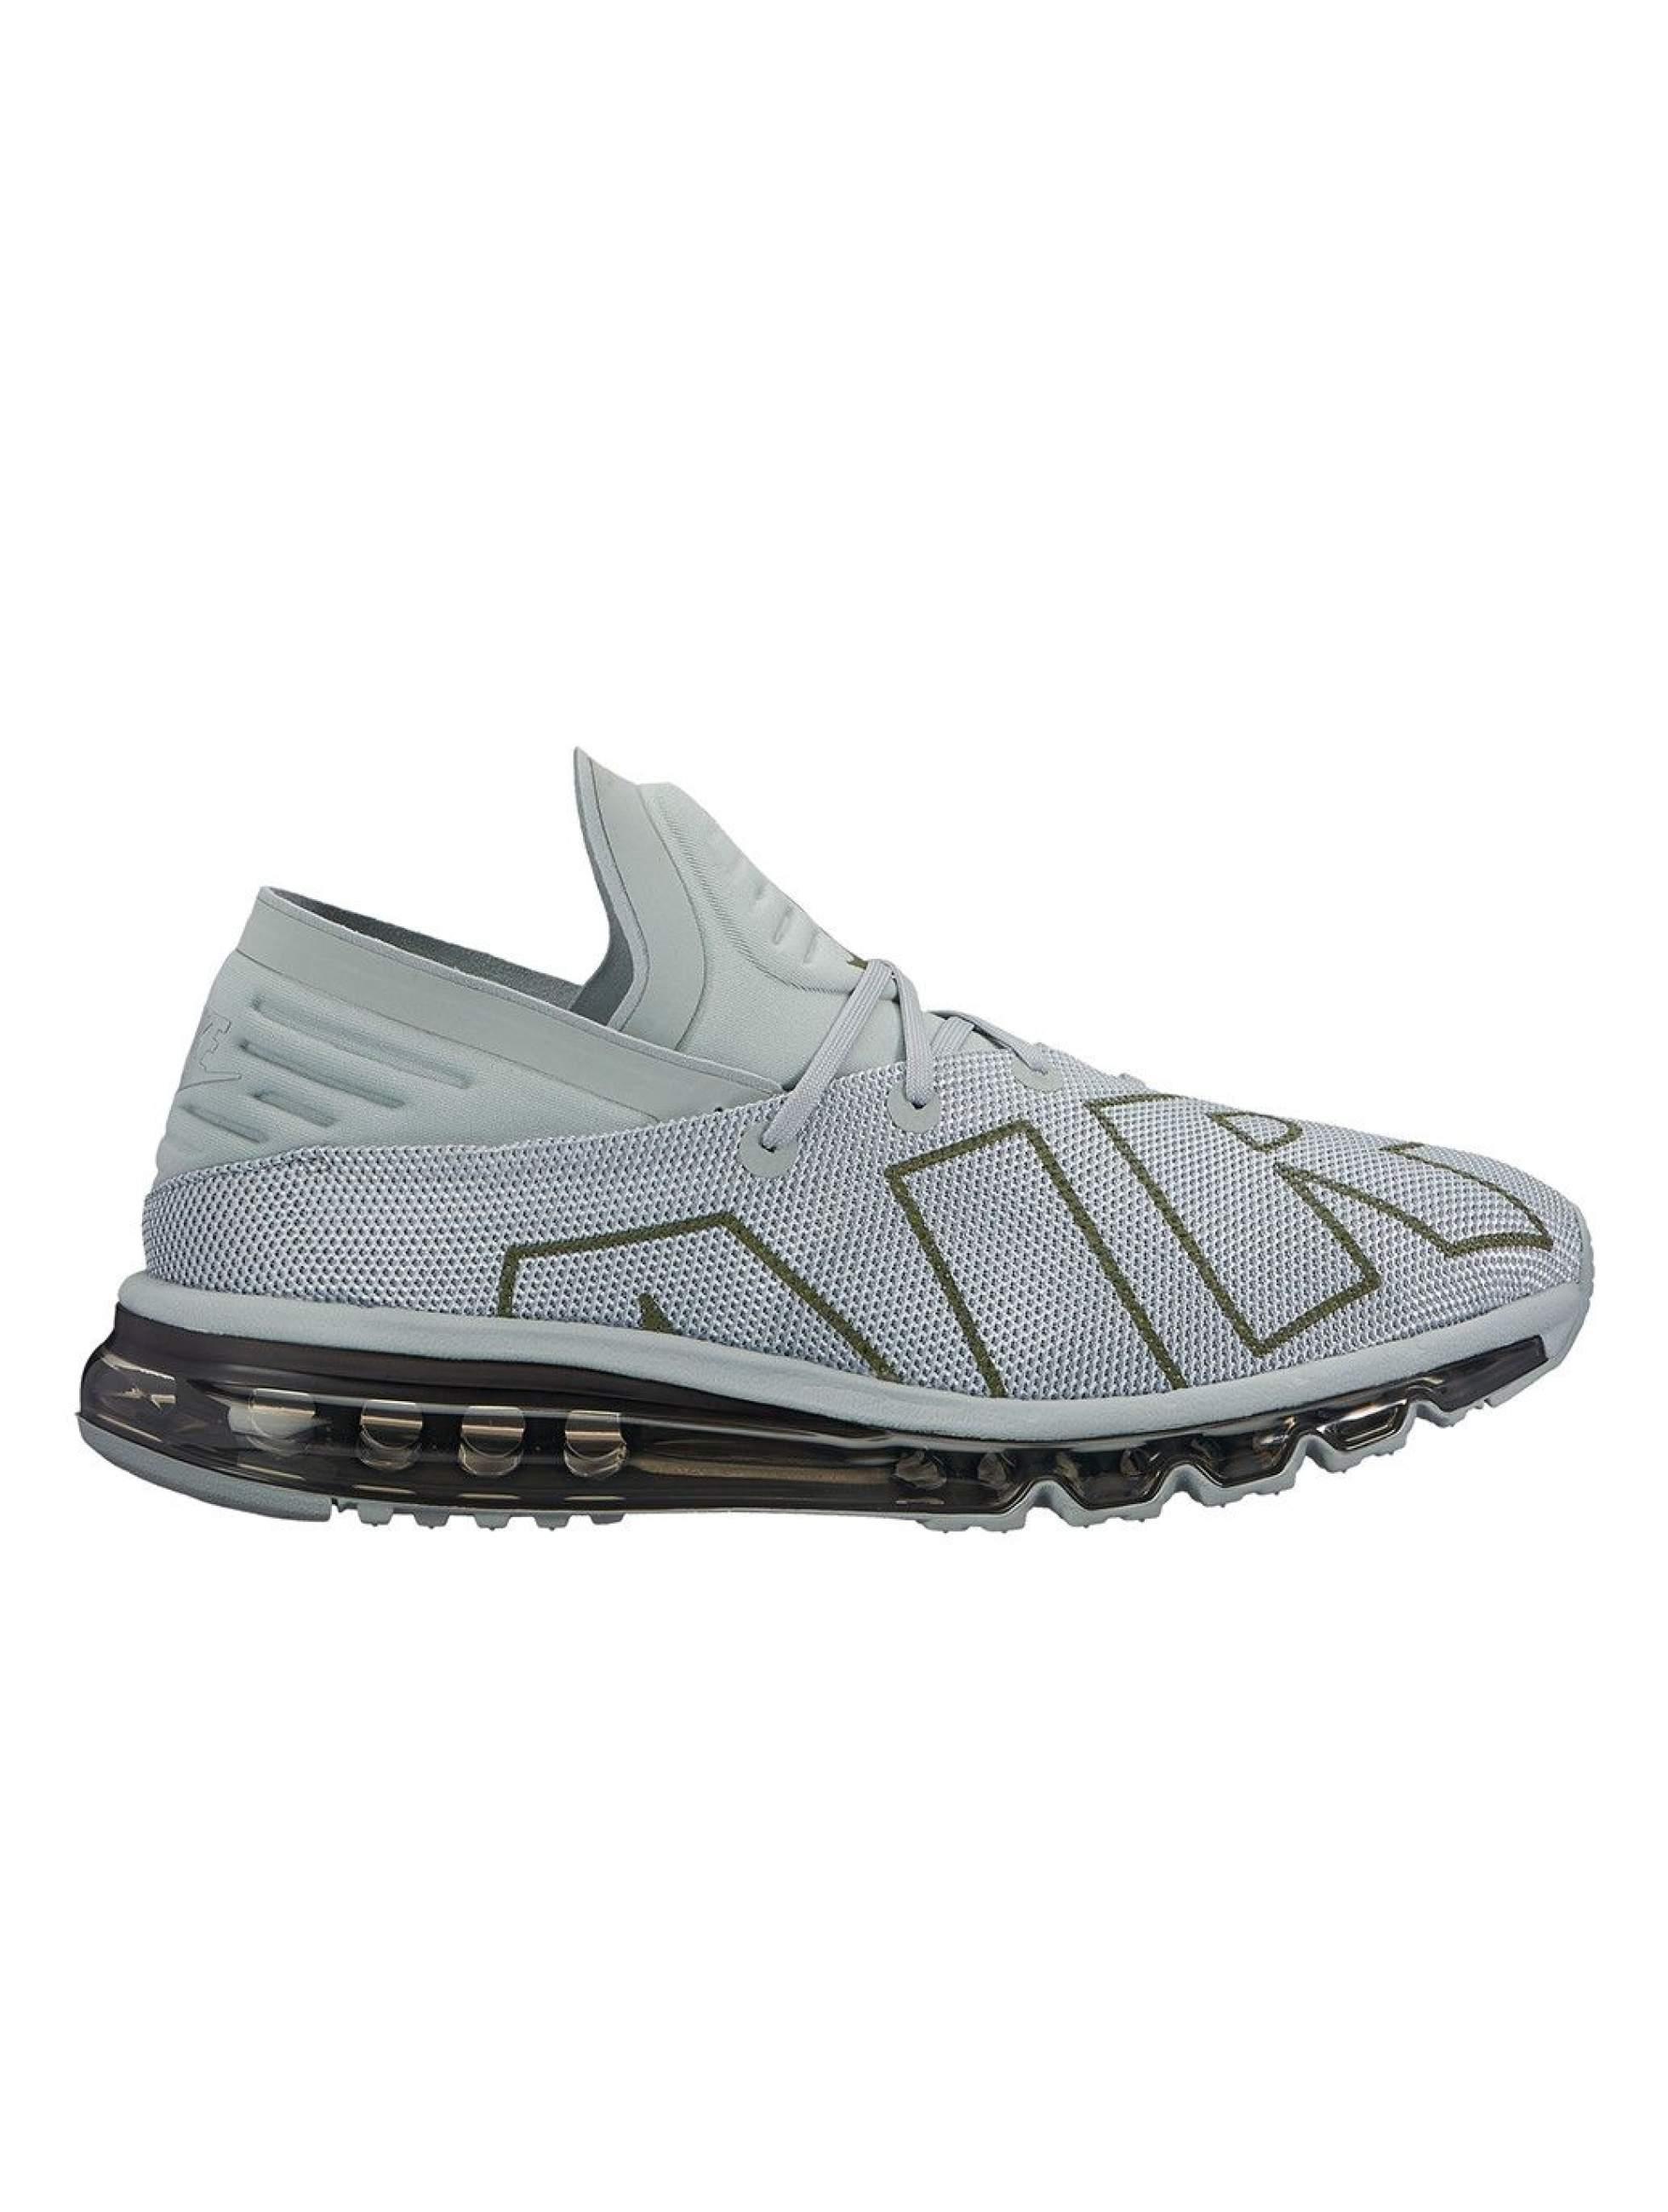 Air Max Flair Schuhe Grey